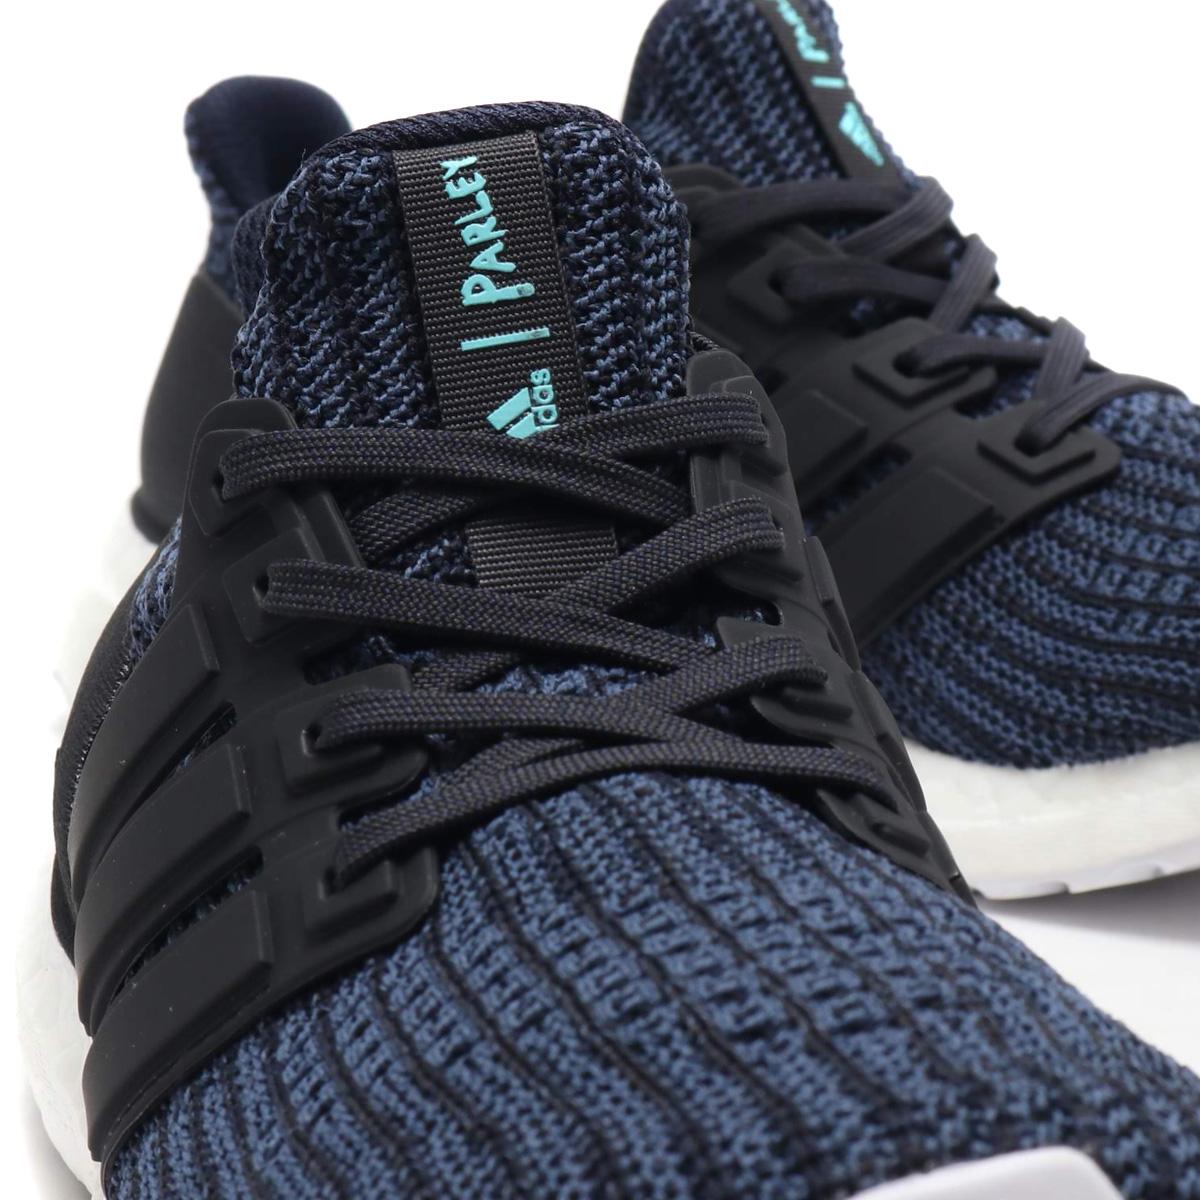 65db3bf5c adidas UltraBOOST w Parley (Adidas ultra boost w パーレー) TECH INK   CARBON    BLUE SPIRIT 18FW-I